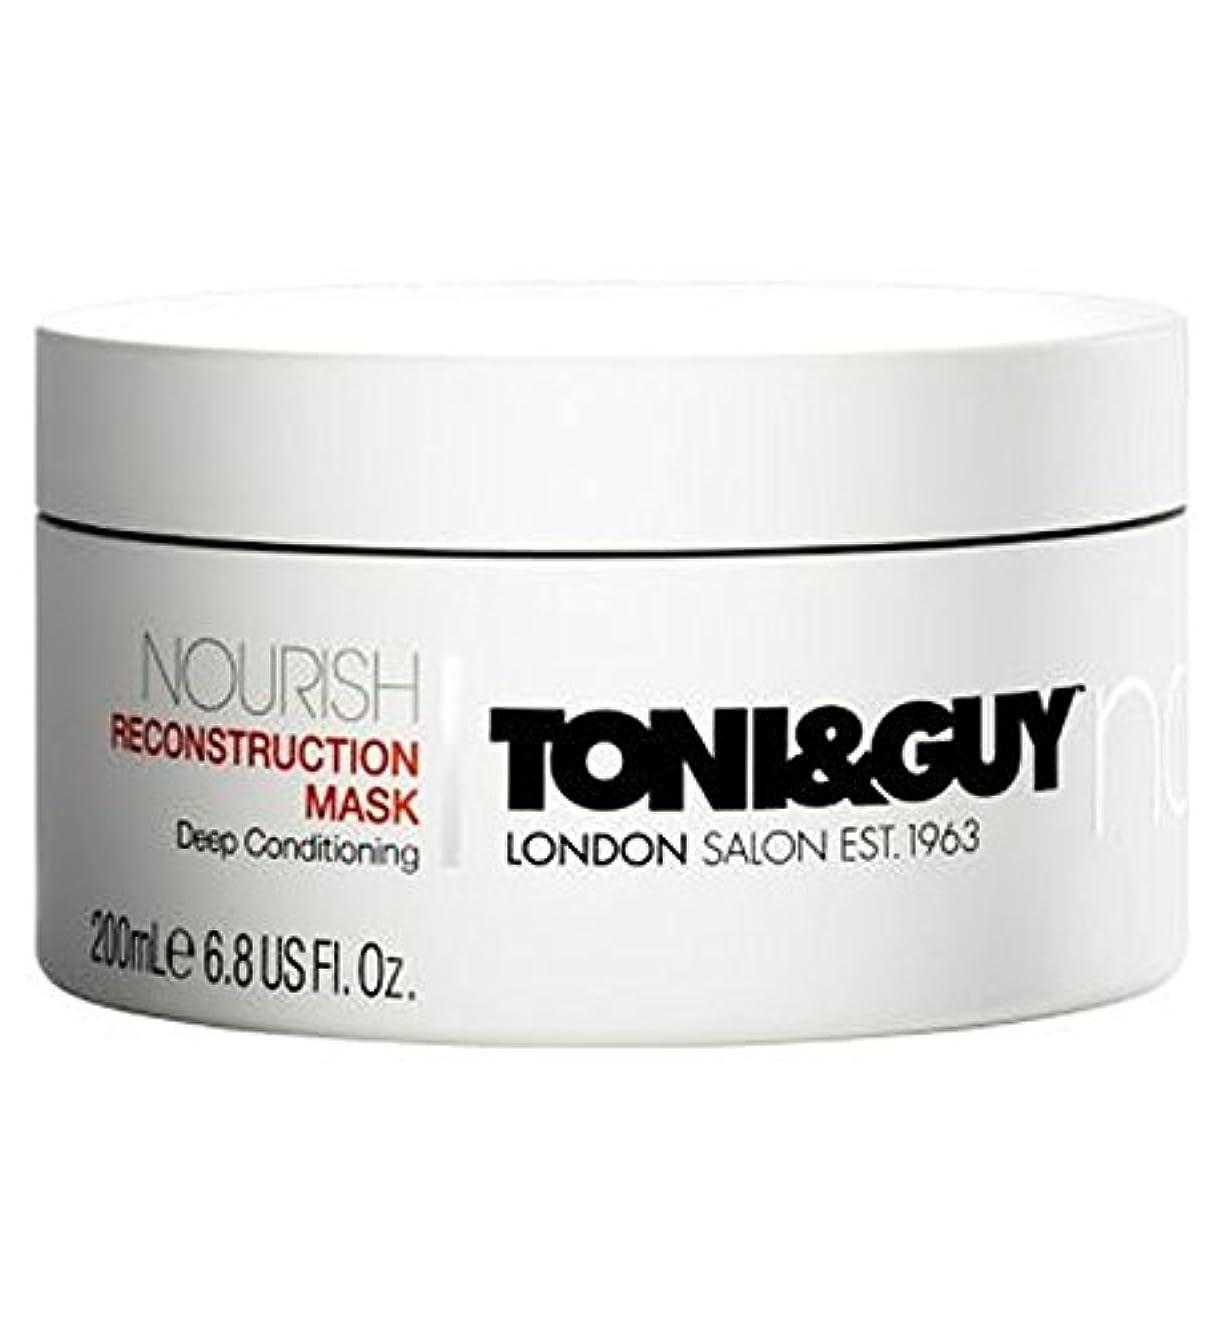 効果的赤ちゃん副産物トニ&男は復興マスク200ミリリットルを養います (Toni & Guy) (x2) - Toni&Guy Nourish Reconstruction Mask 200ml (Pack of 2) [並行輸入品]